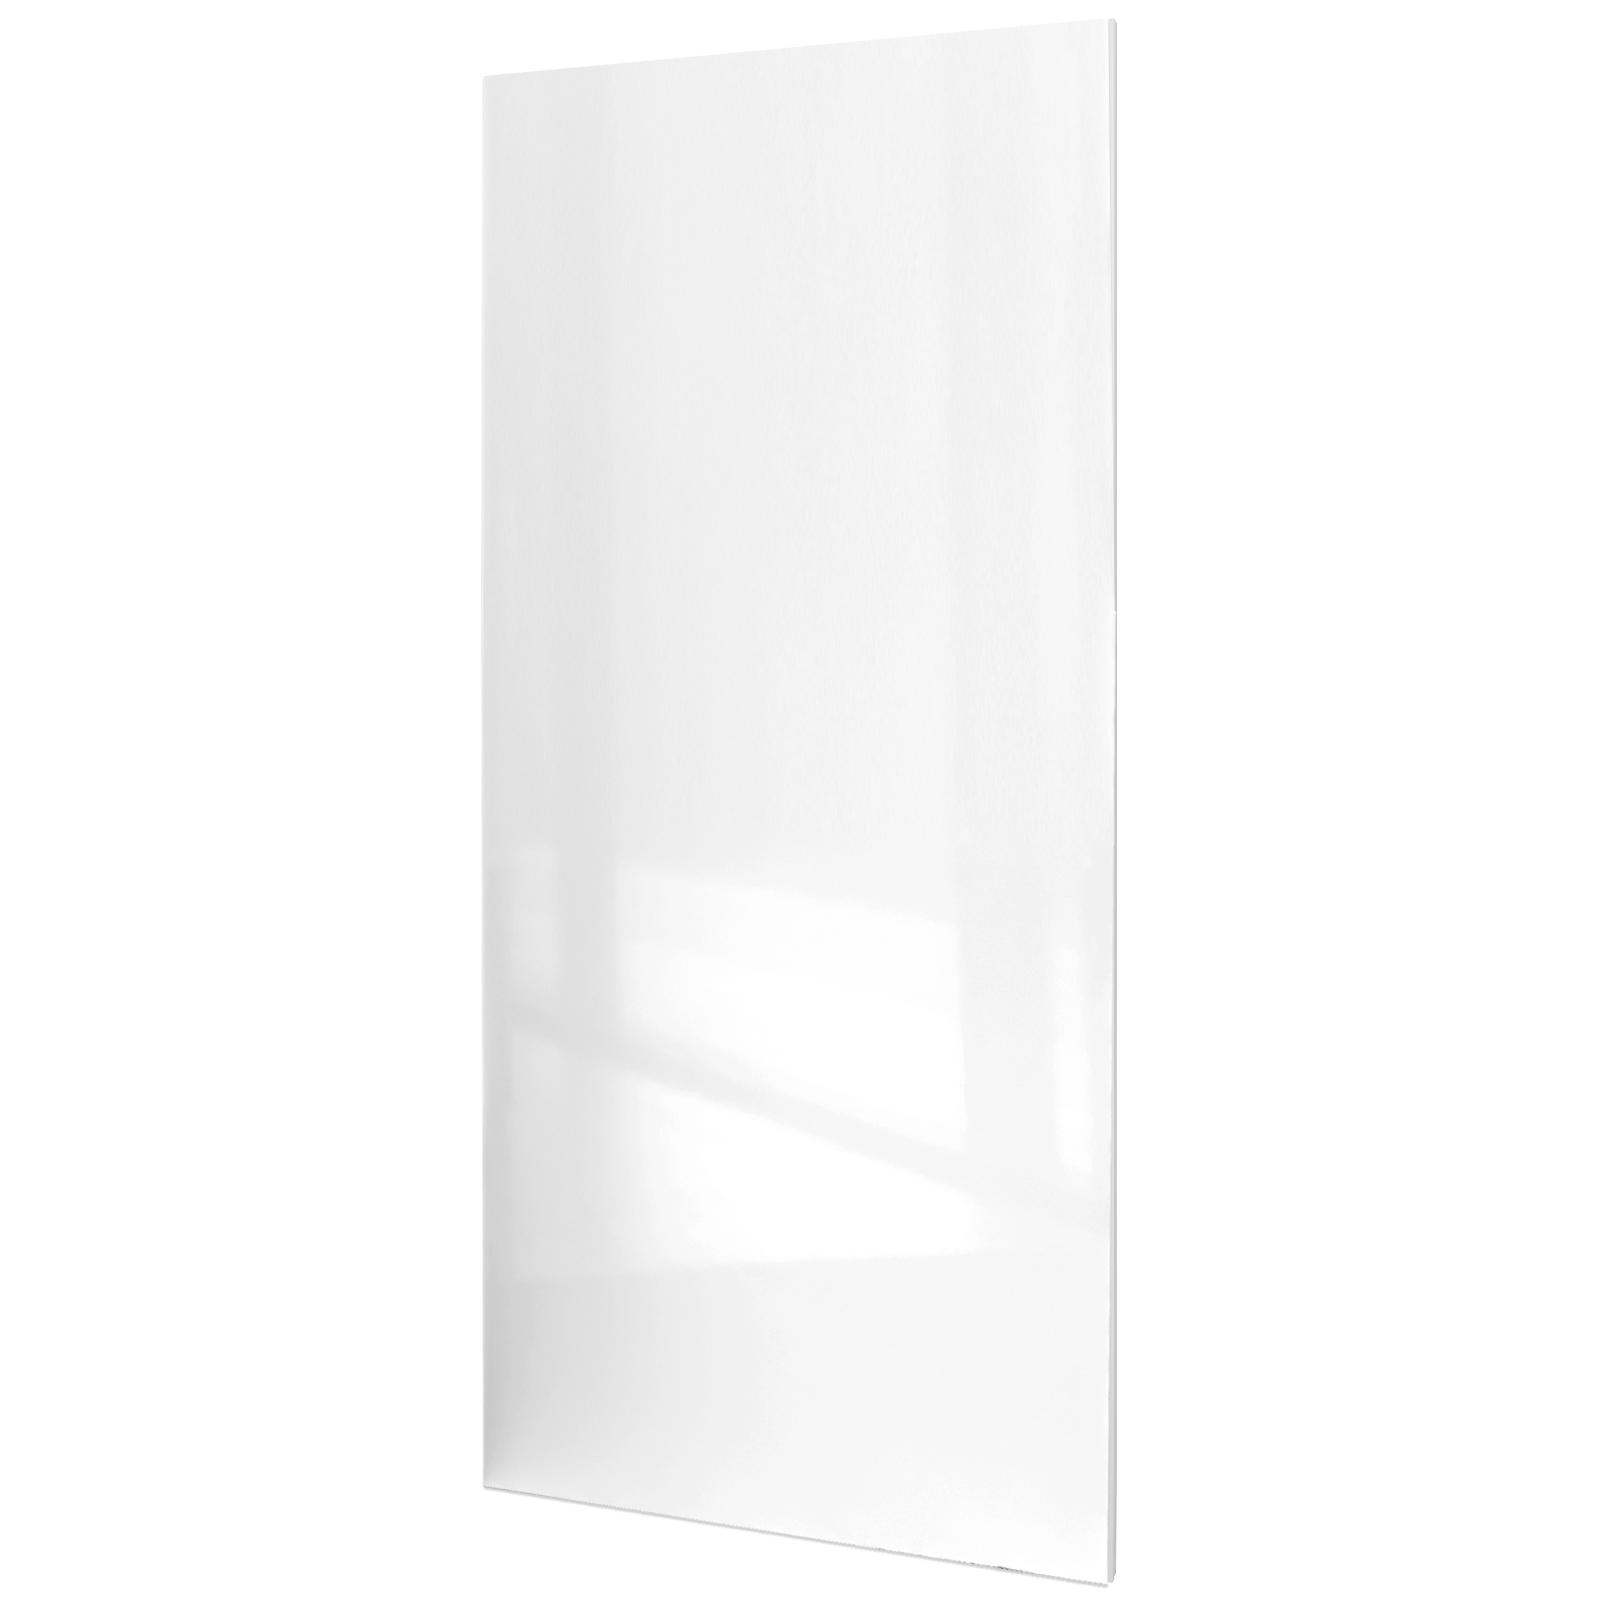 holzschiebet rblatt alpinwei hochglanz 880x2035mm schiebet ren profi. Black Bedroom Furniture Sets. Home Design Ideas